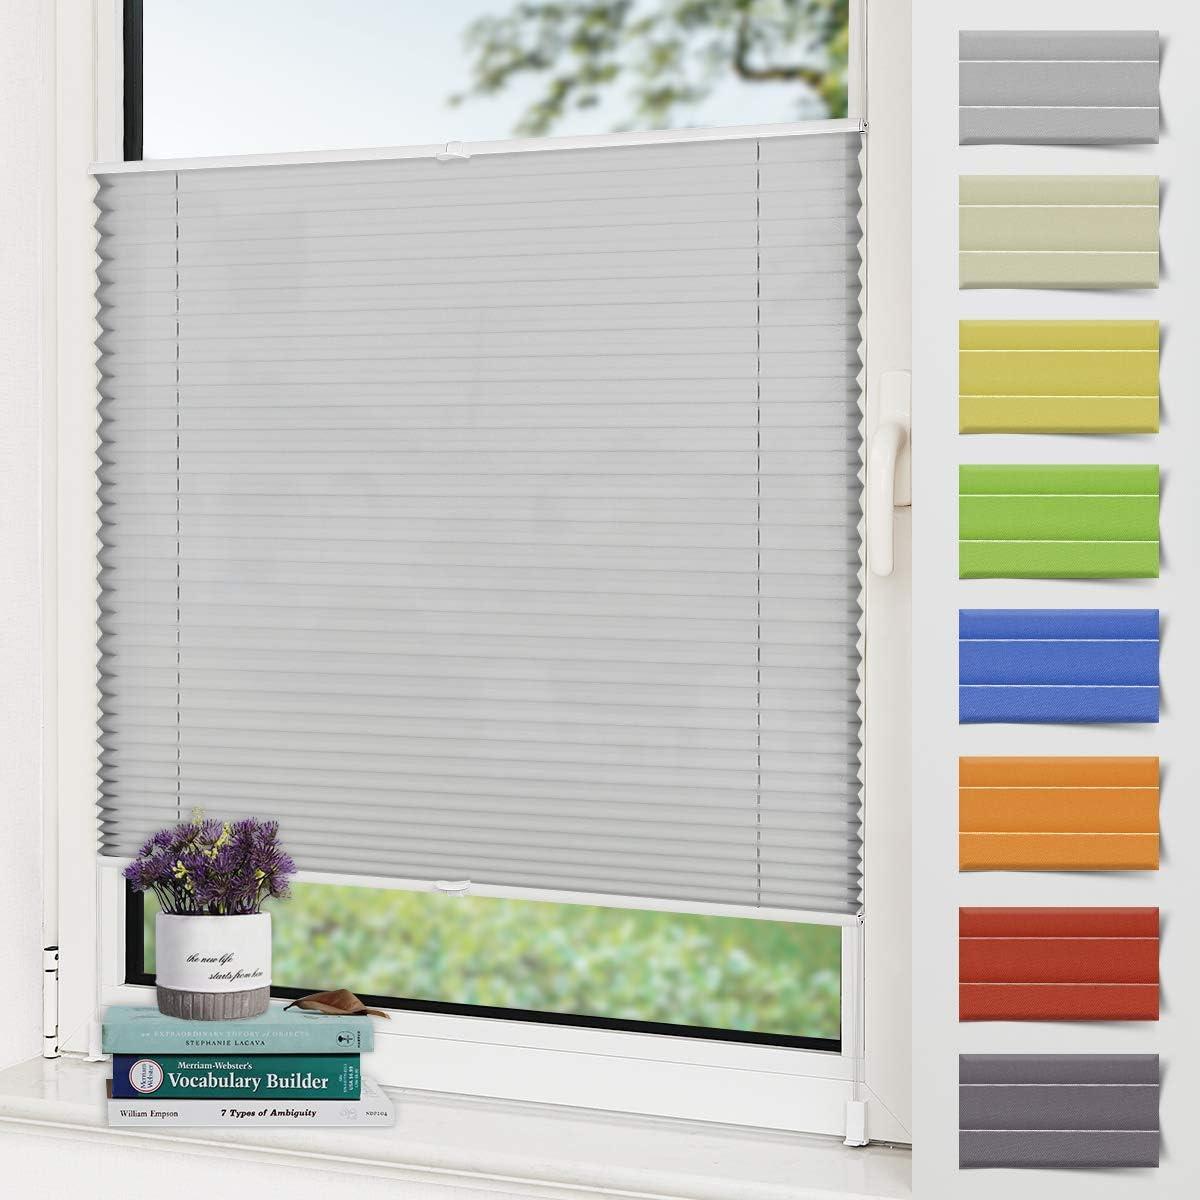 Zarnan Estor plisado Klemmfix sin agujeros, color gris claro, 35 x 100 cm (ancho x alto), protección solar, para ventanas y puertas, con soportes de fijación